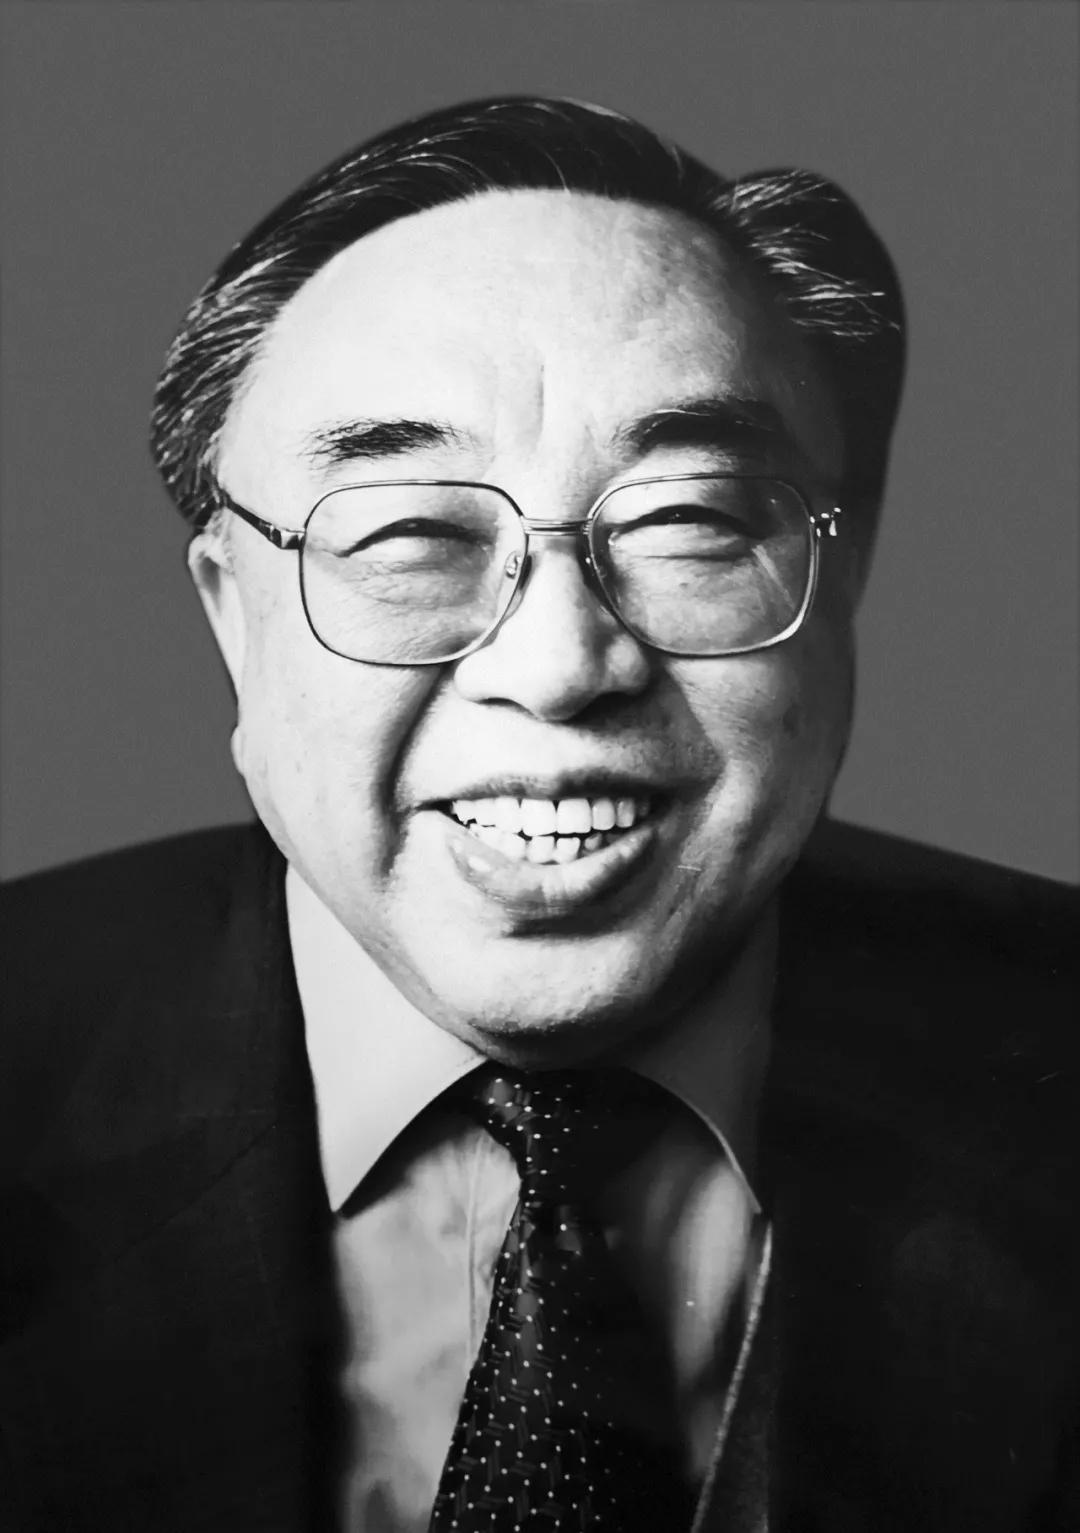 国医大师张琪逝世享年98岁张琪得什么病去世的个人资料照片简介